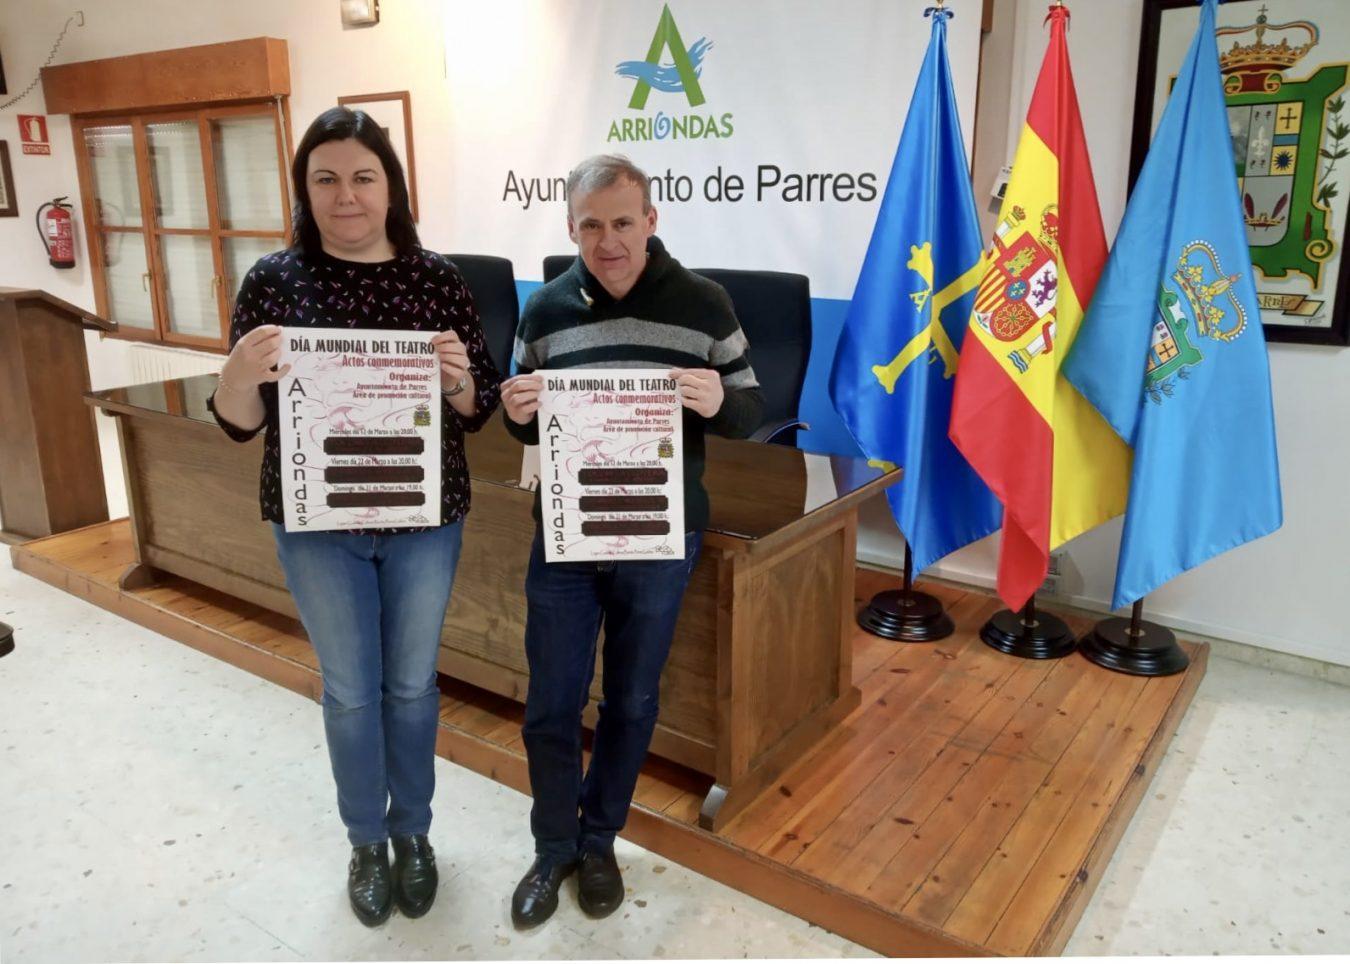 Marzo será un mes de teatro en Arriondas con tres representaciones a cargo de grupos asturianos